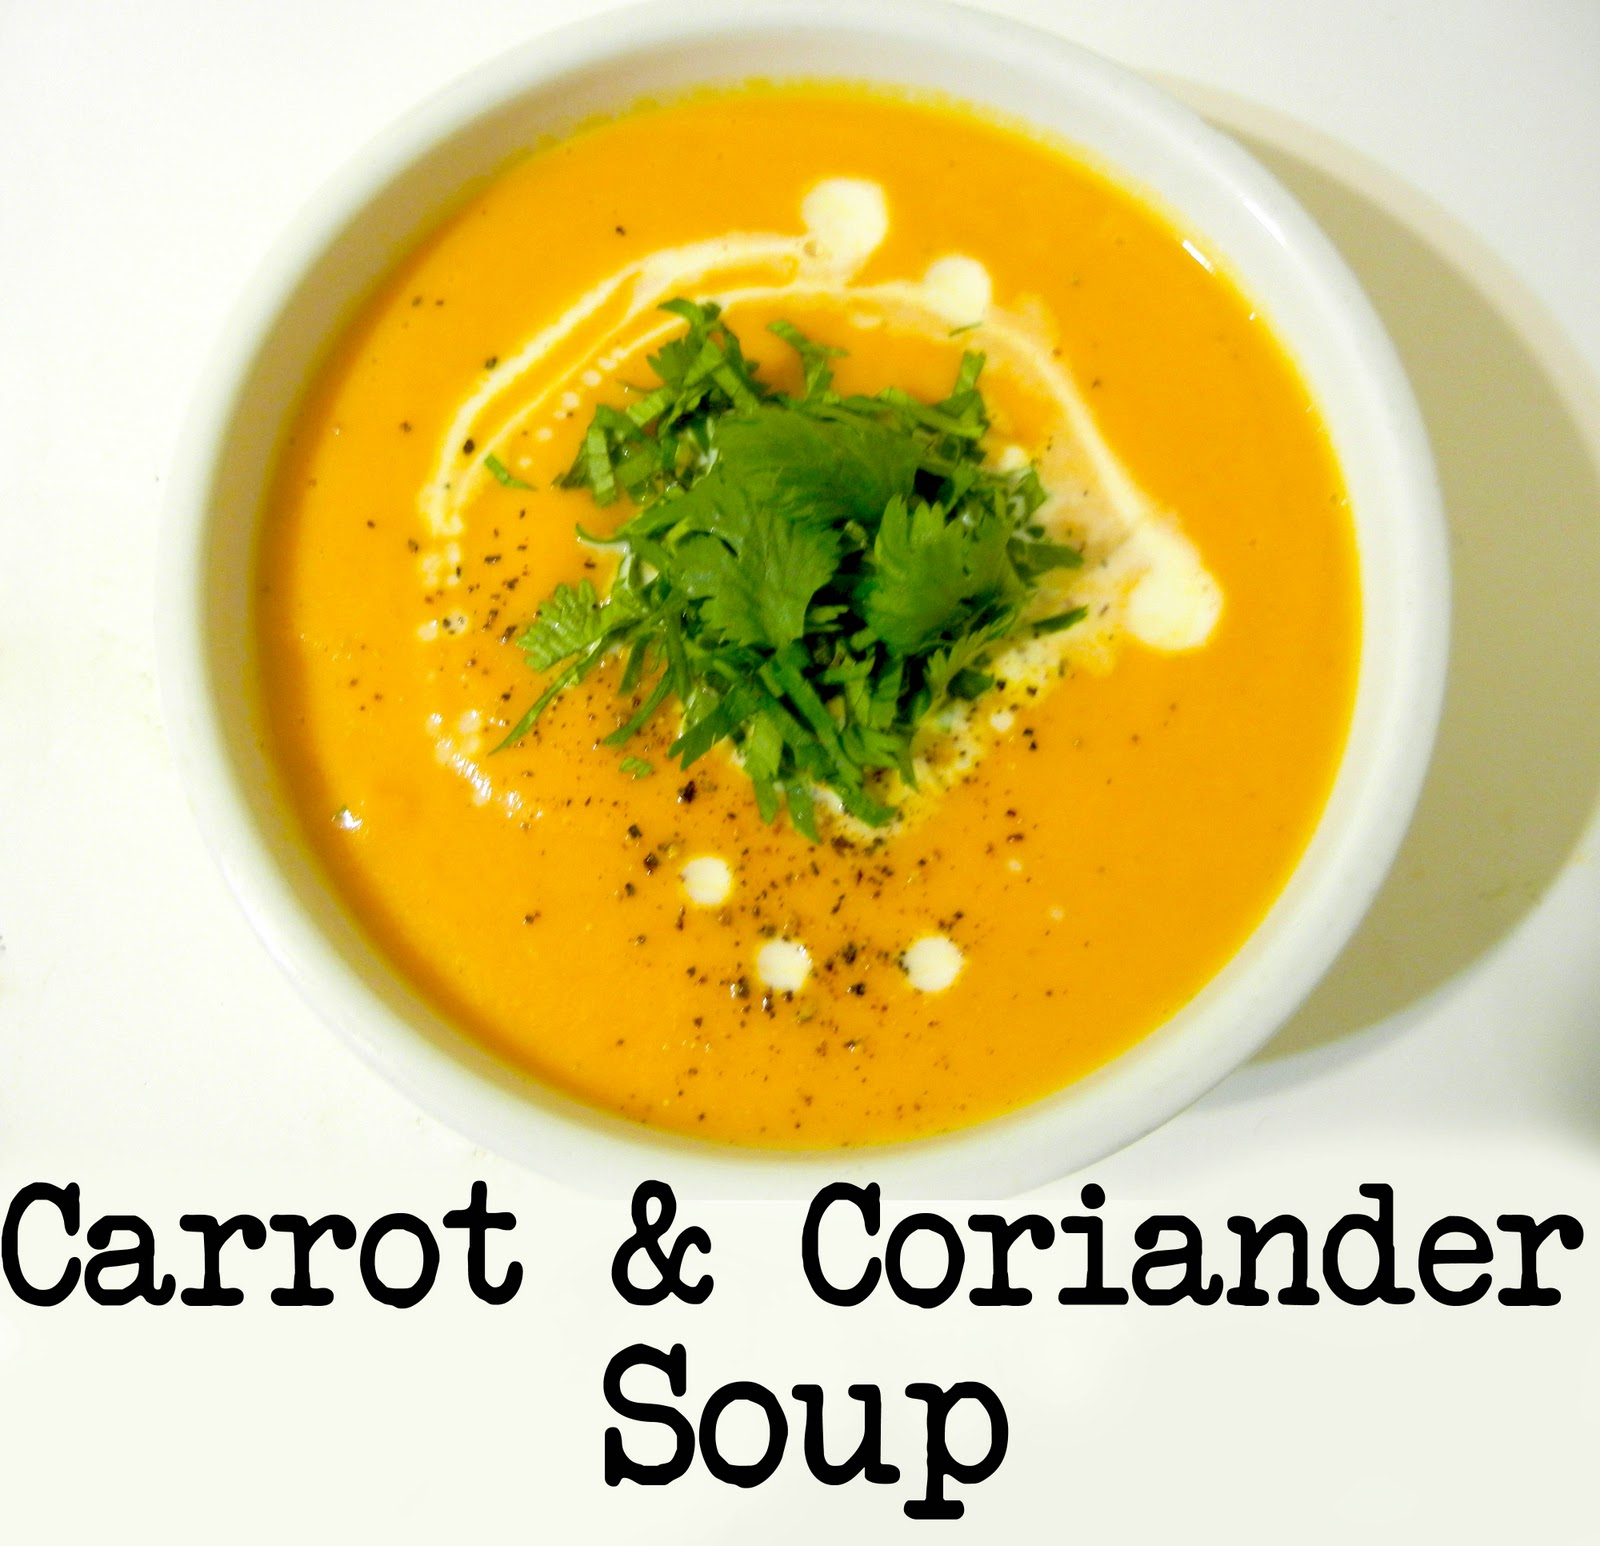 Derek's Kitchen: Carrot & Coriander Soup